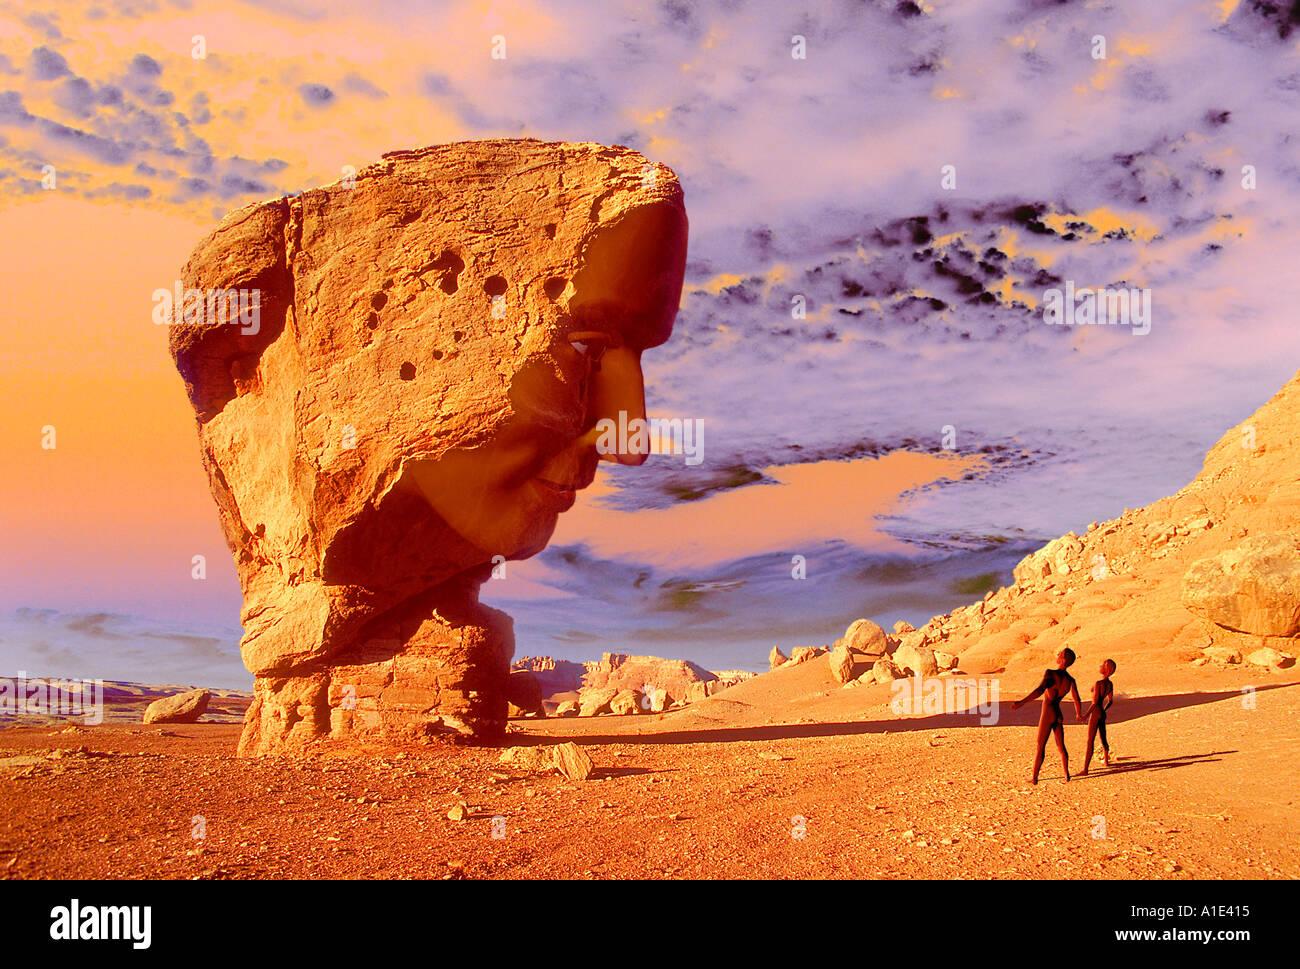 Martian Face - Stock Image